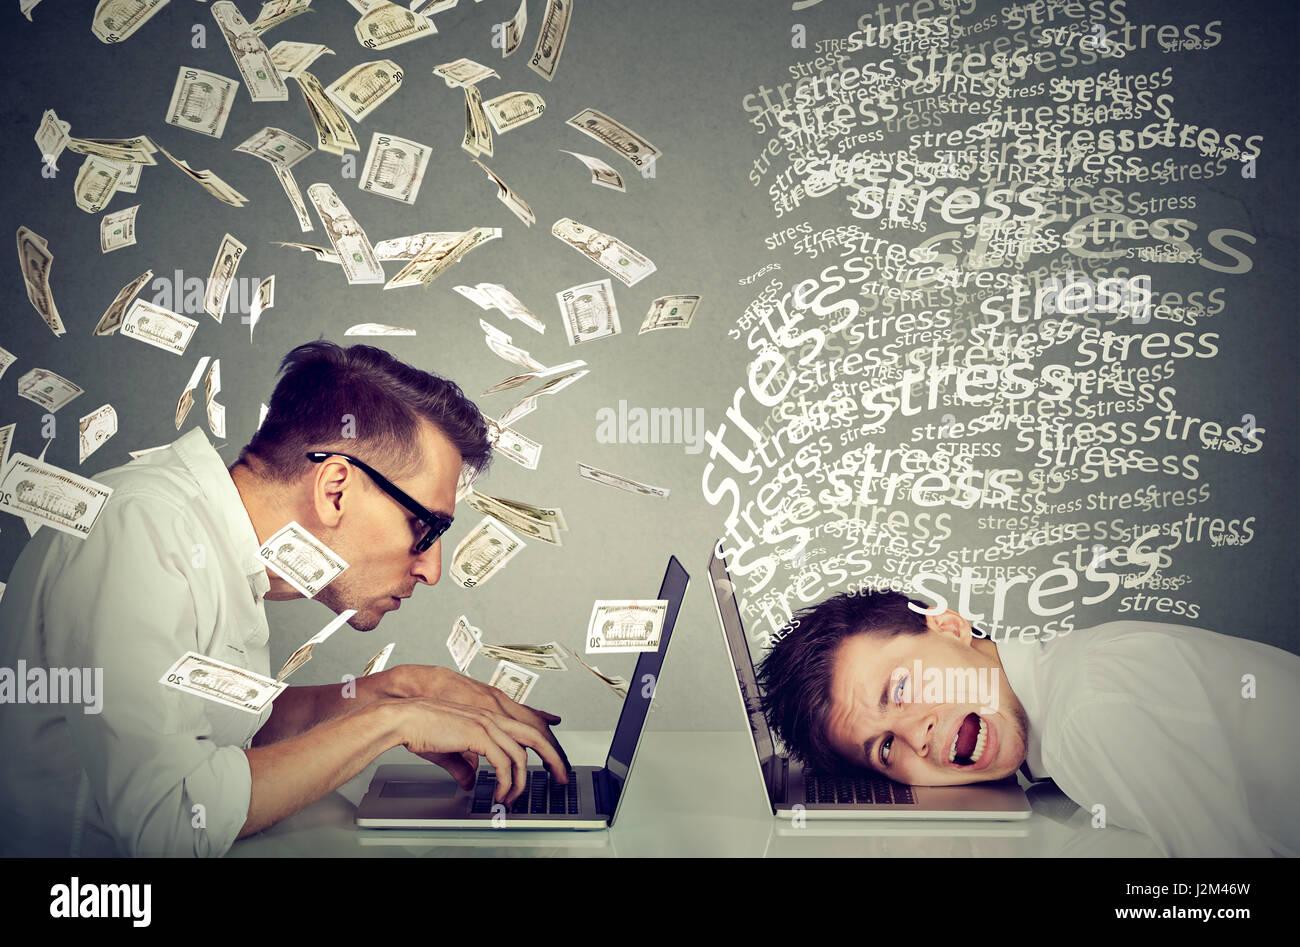 Mitarbeiter Einkommen Entschädigung Wirtschaft Konzept. Betonte verzweifelten Mann arbeiten am Laptop sitzt Stockbild